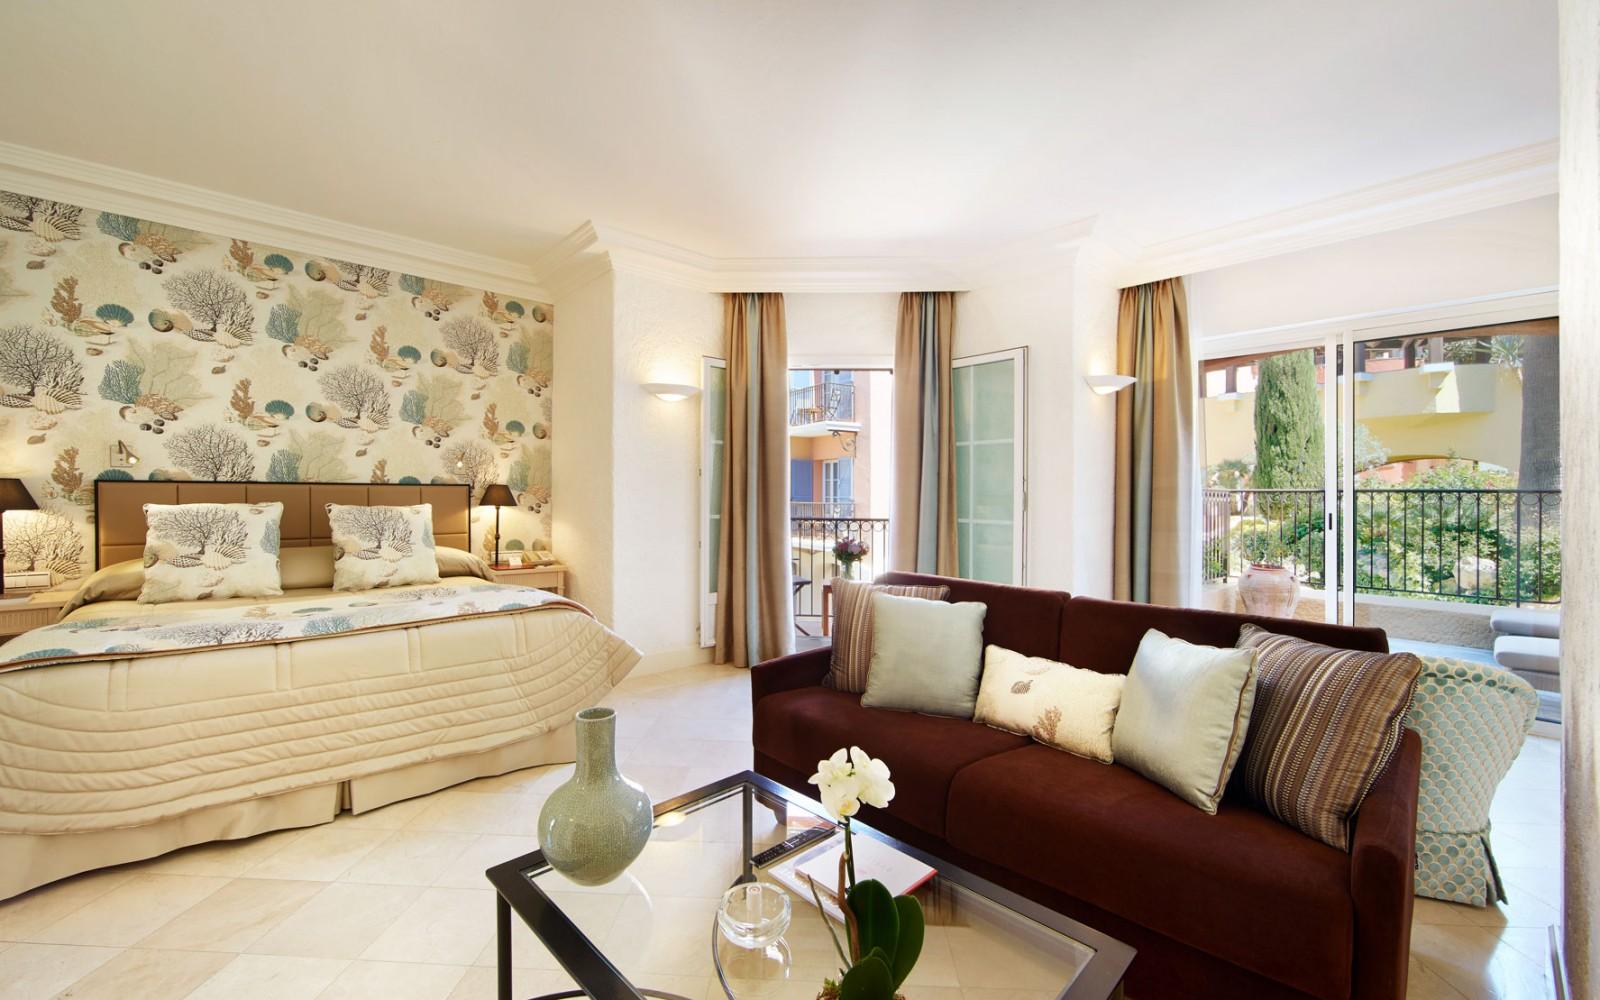 Hotel_Byblos_Saint-Tropez_Junior-Suite-137-1